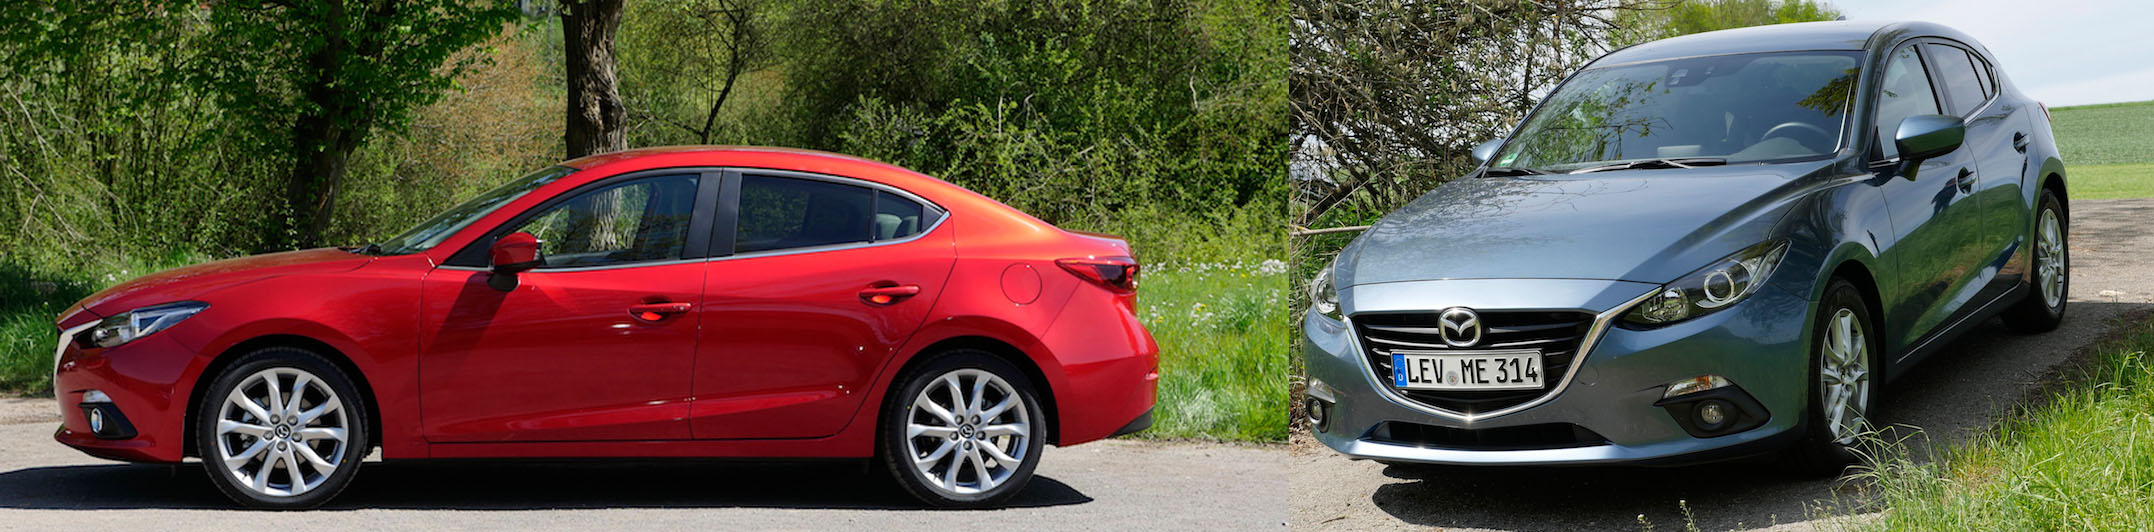 Mazda3SedanVshatch